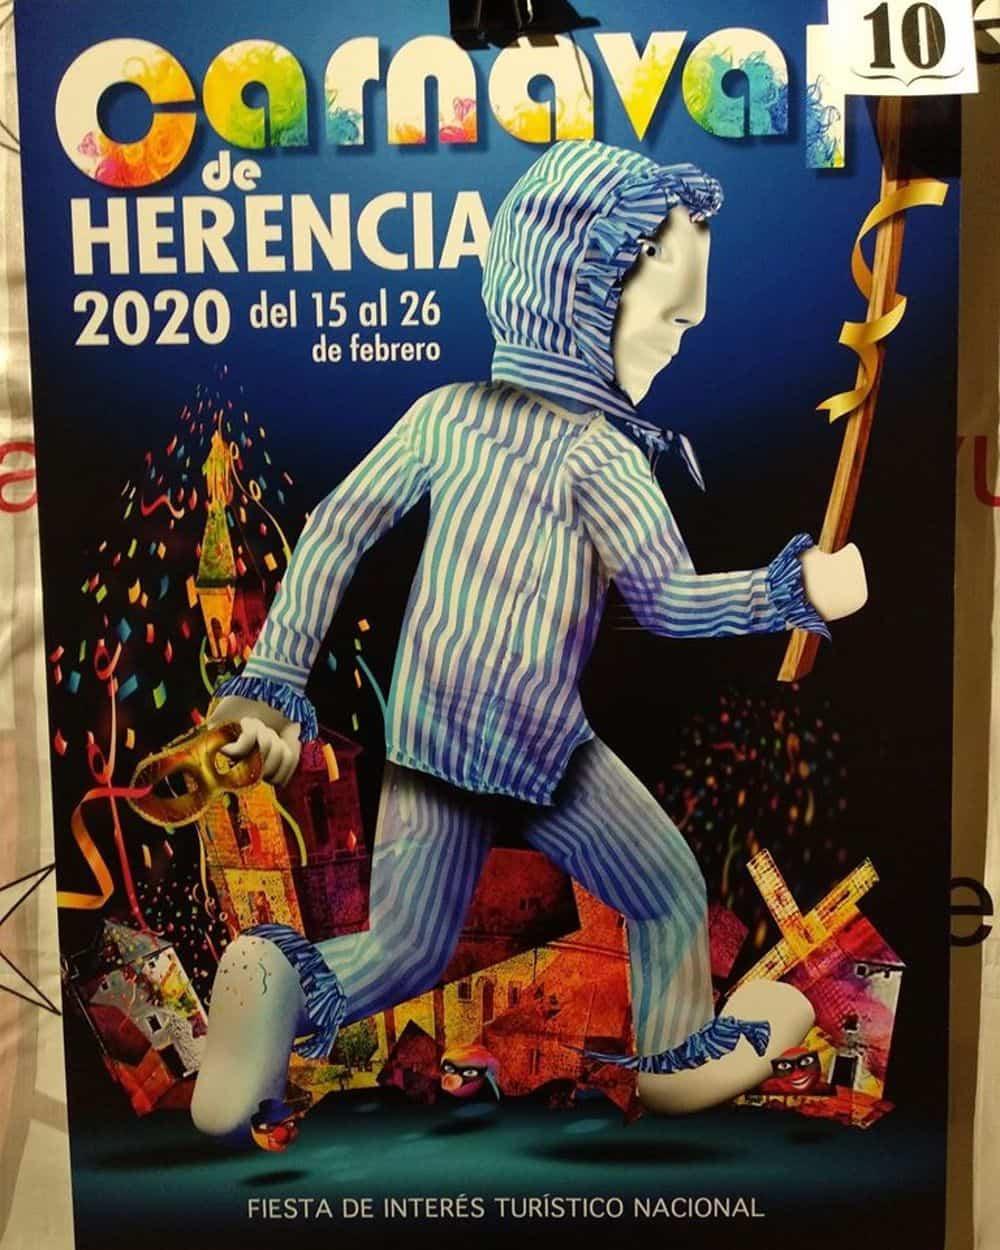 Conoce los carteles de Carnaval de Herencia 2020, ¿cuál te gusta más? 26